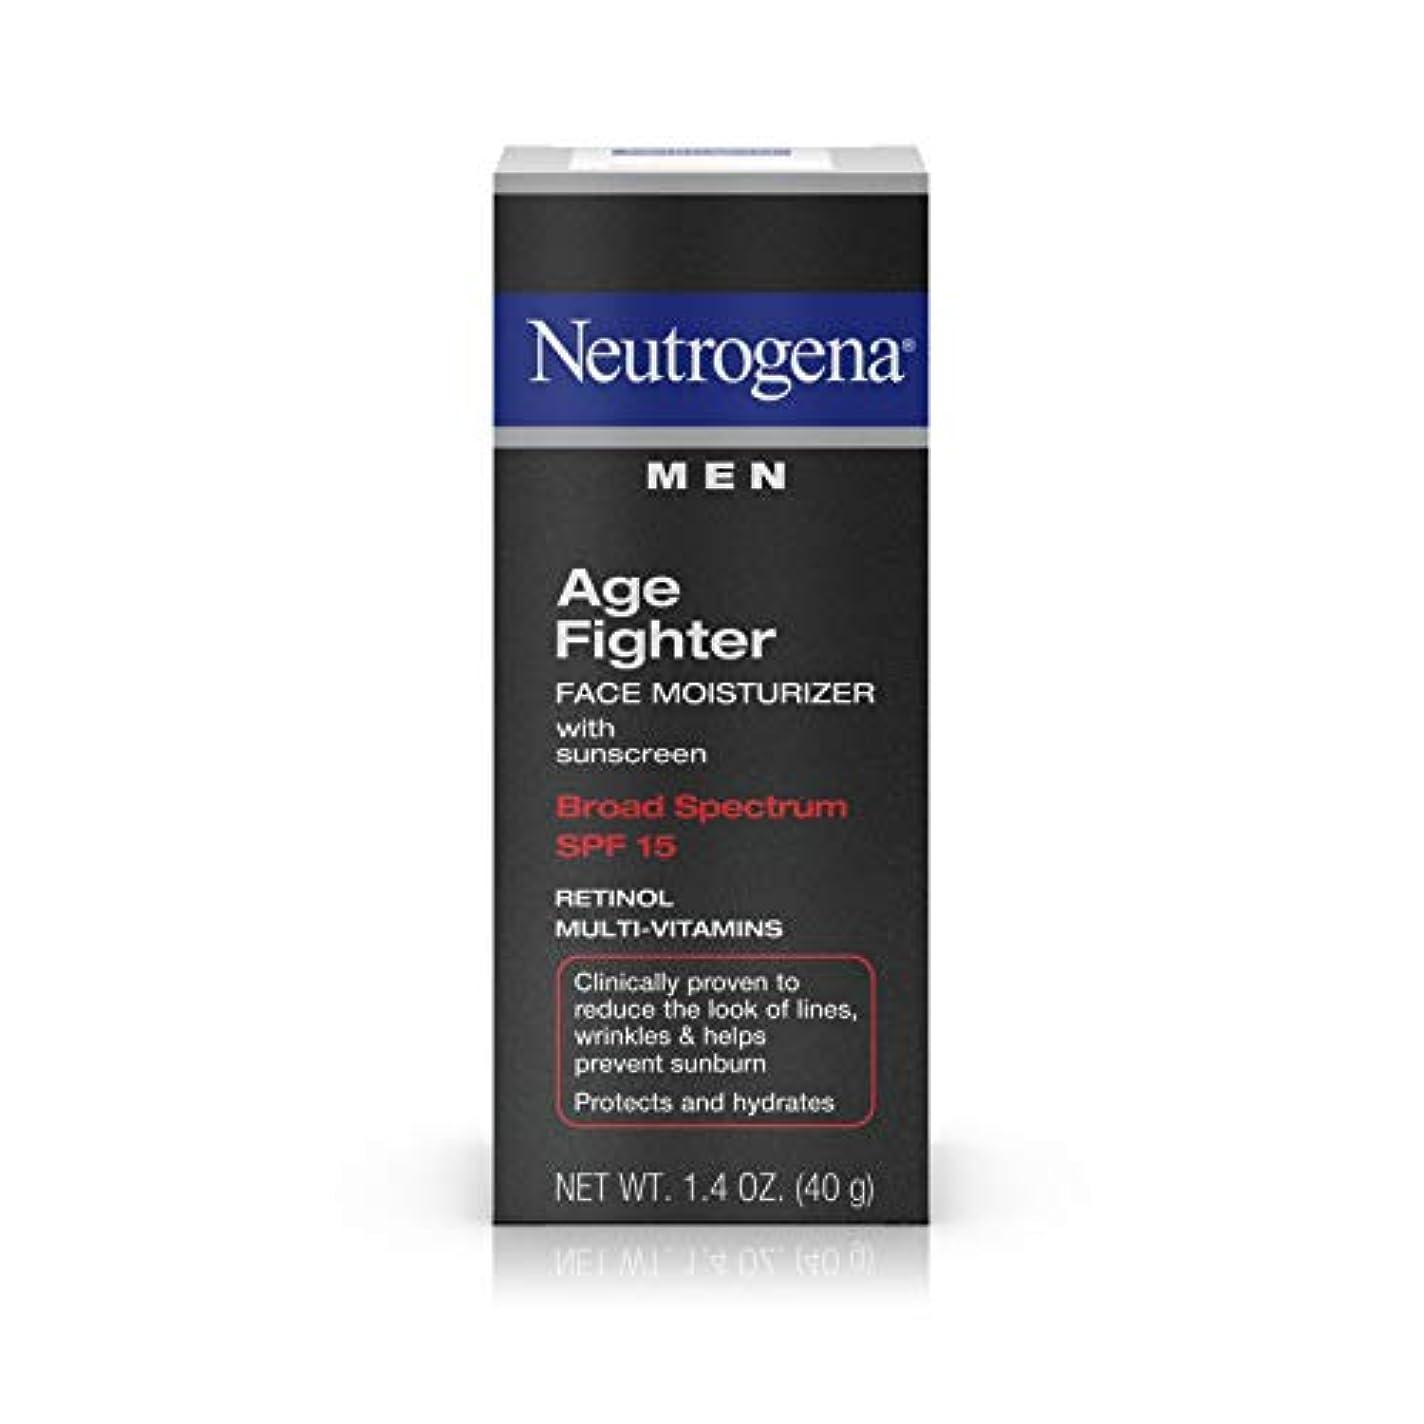 洋服農奴なにNeutrogena Men Age Fighter Face Moisturizer with sunscreen SPF 15 1.4oz.(40g) 男性用ニュートロジーナ メン エイジ ファイター フェイス モイスチャライザー